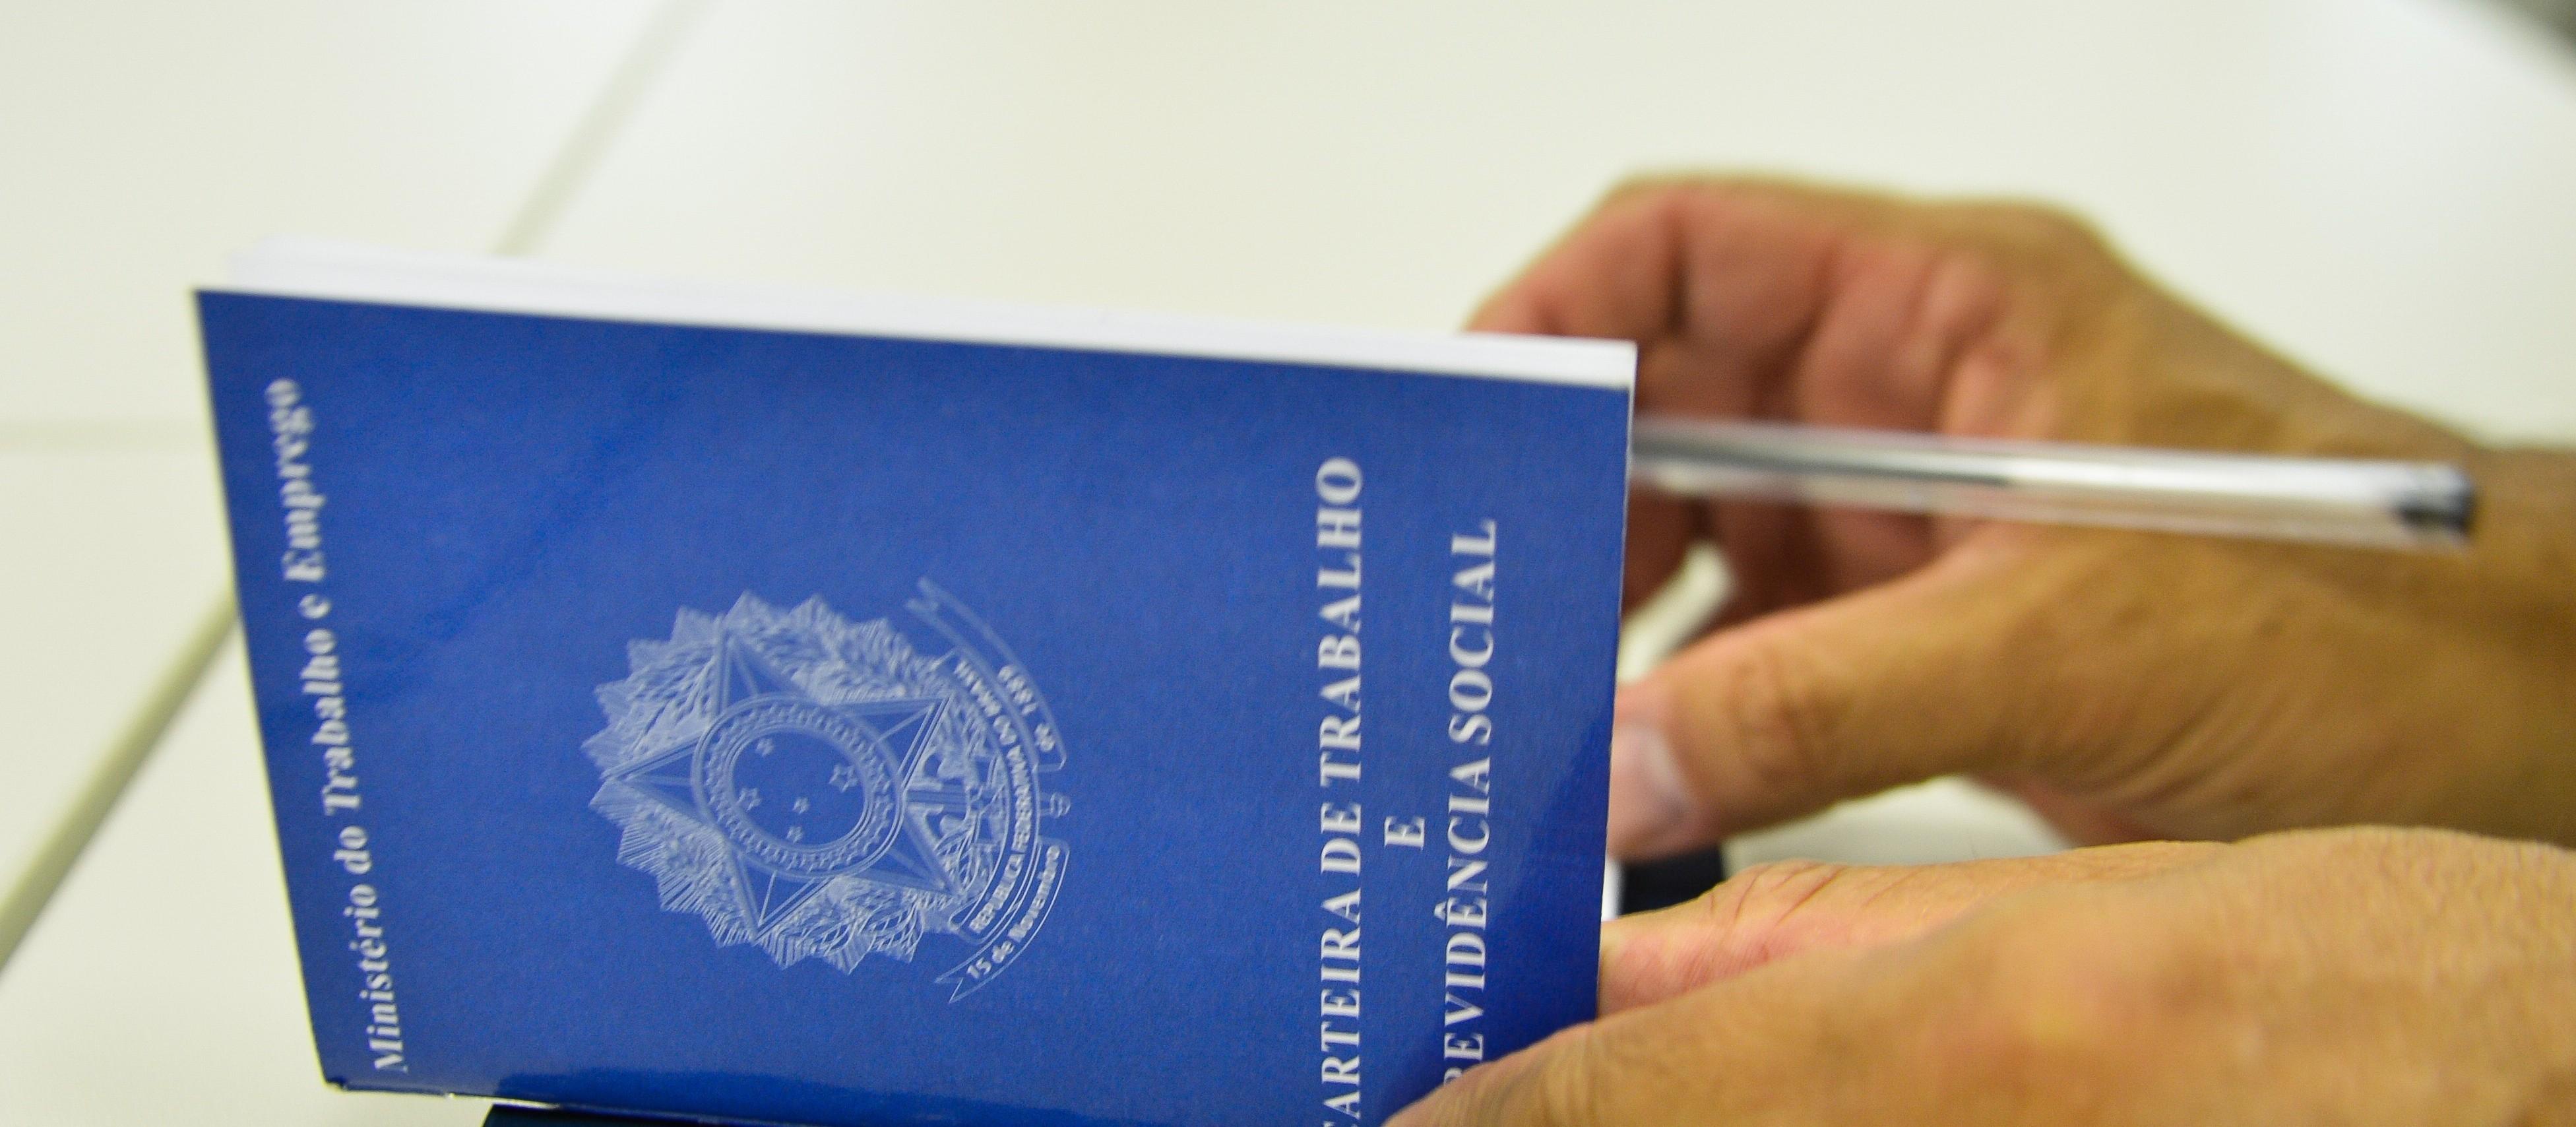 Agência do Trabalhador de Maringá ofertará 119 vagas na próxima semana